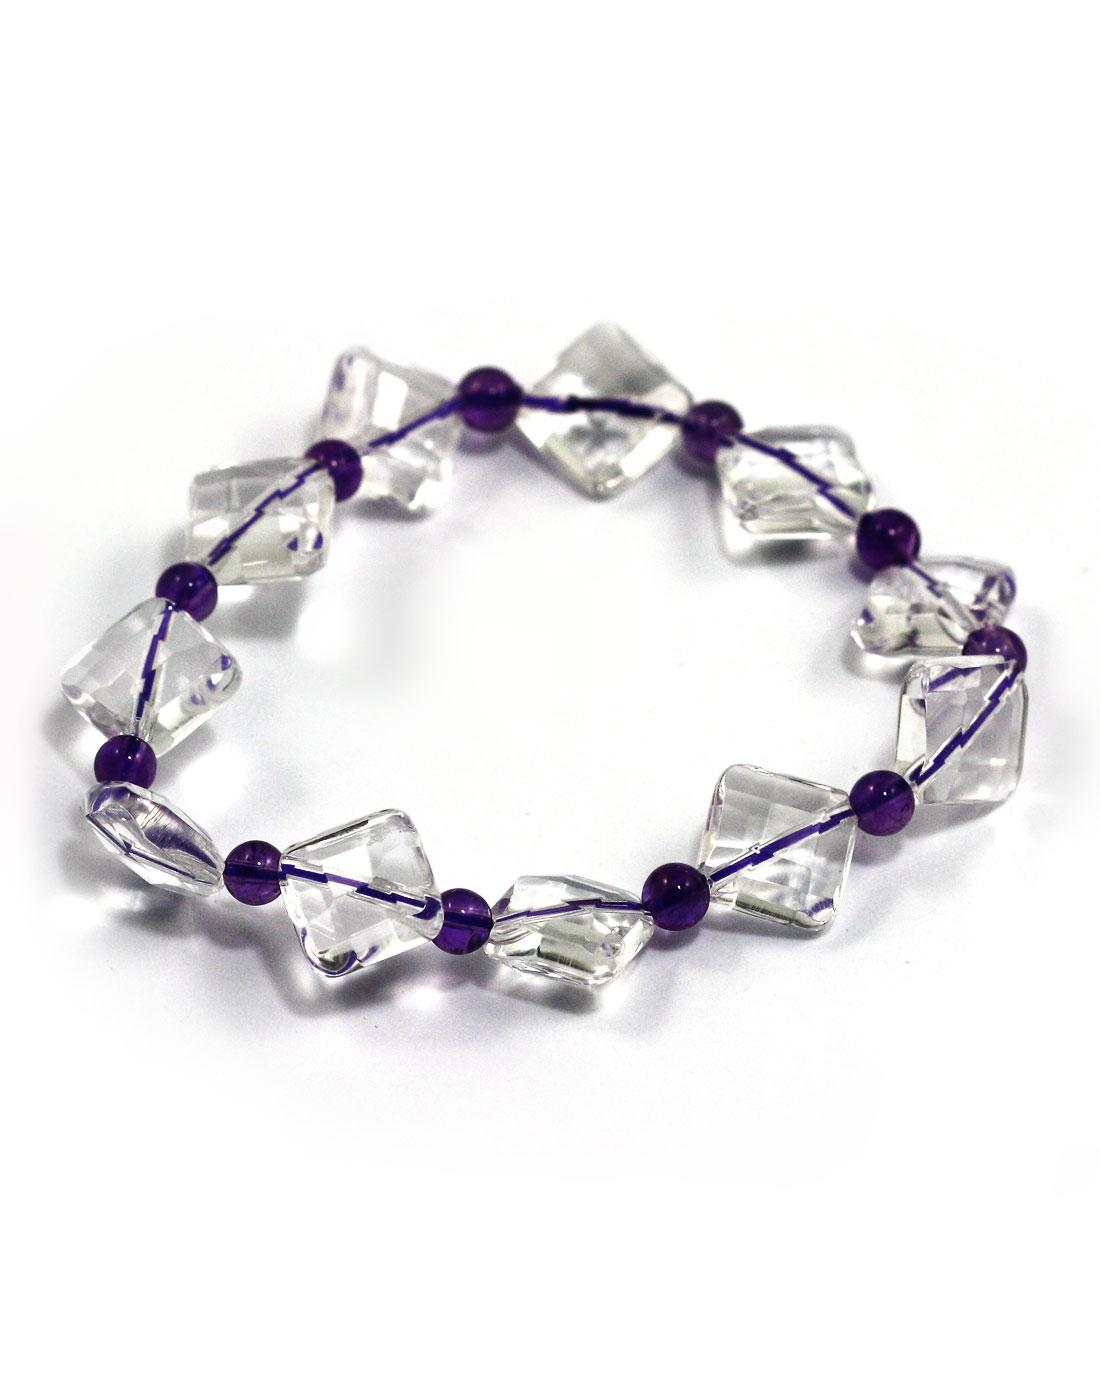 盈满堂天然白水晶配紫水晶手链